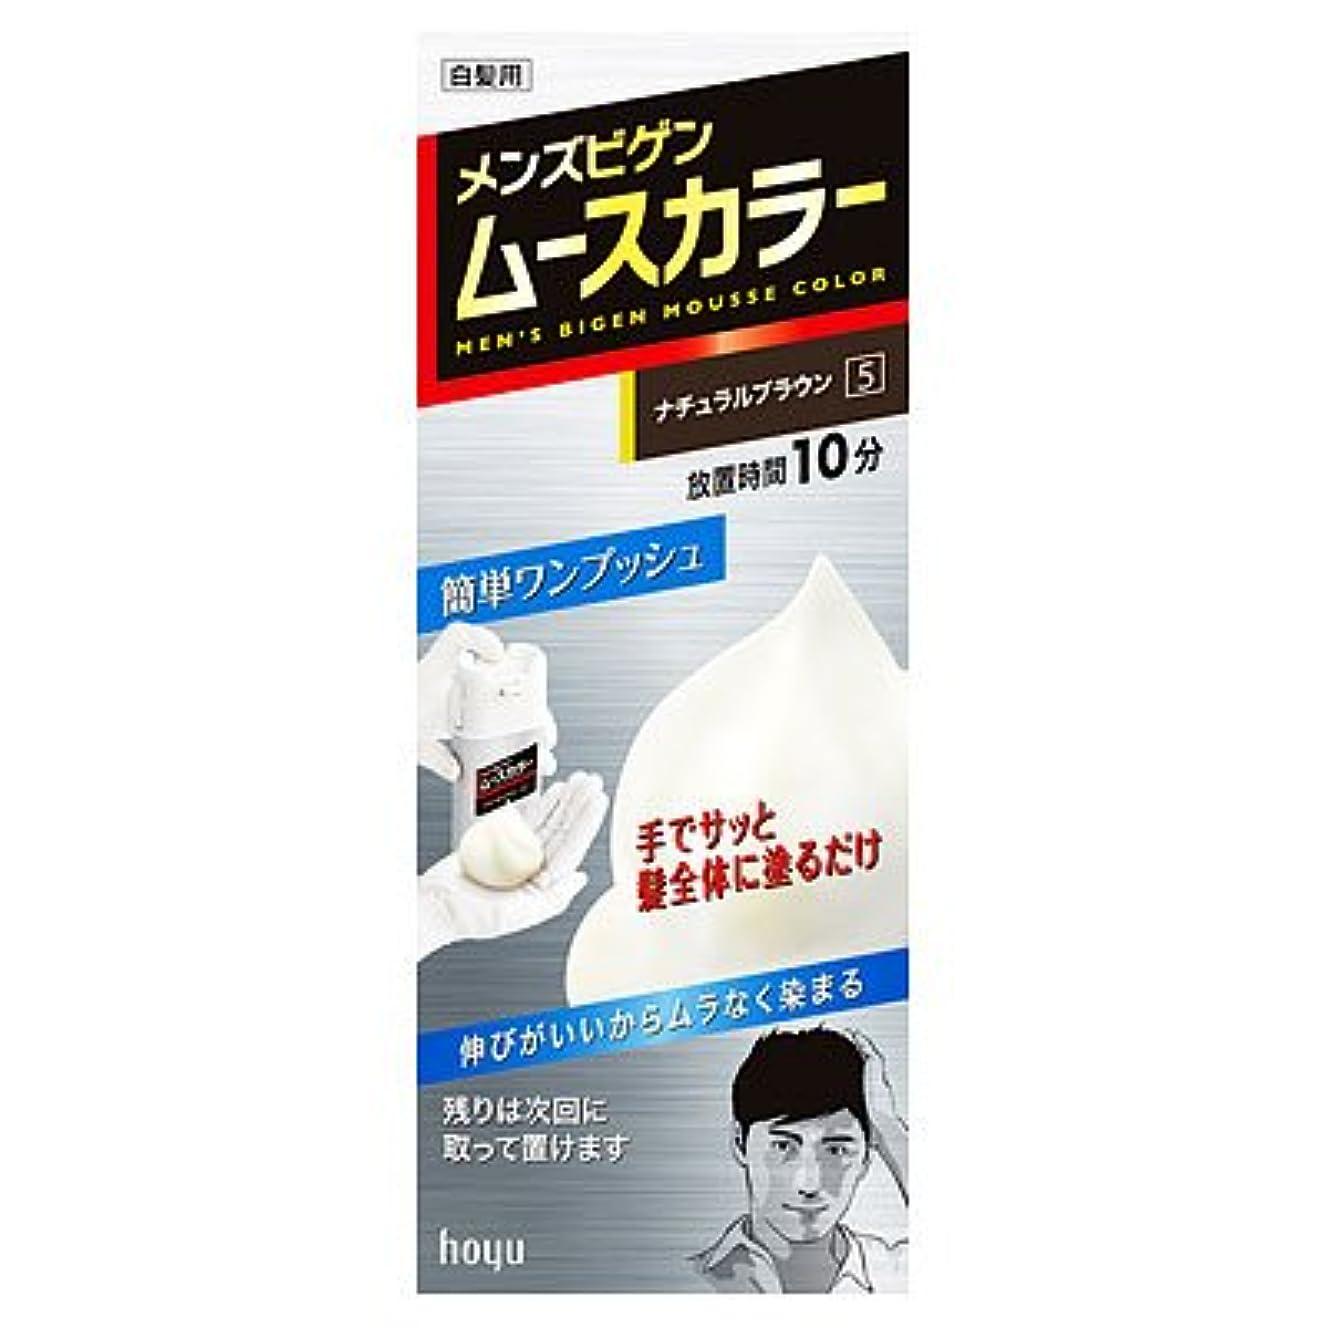 トチの実の木防腐剤焦げメンズビゲンムースカラー 5